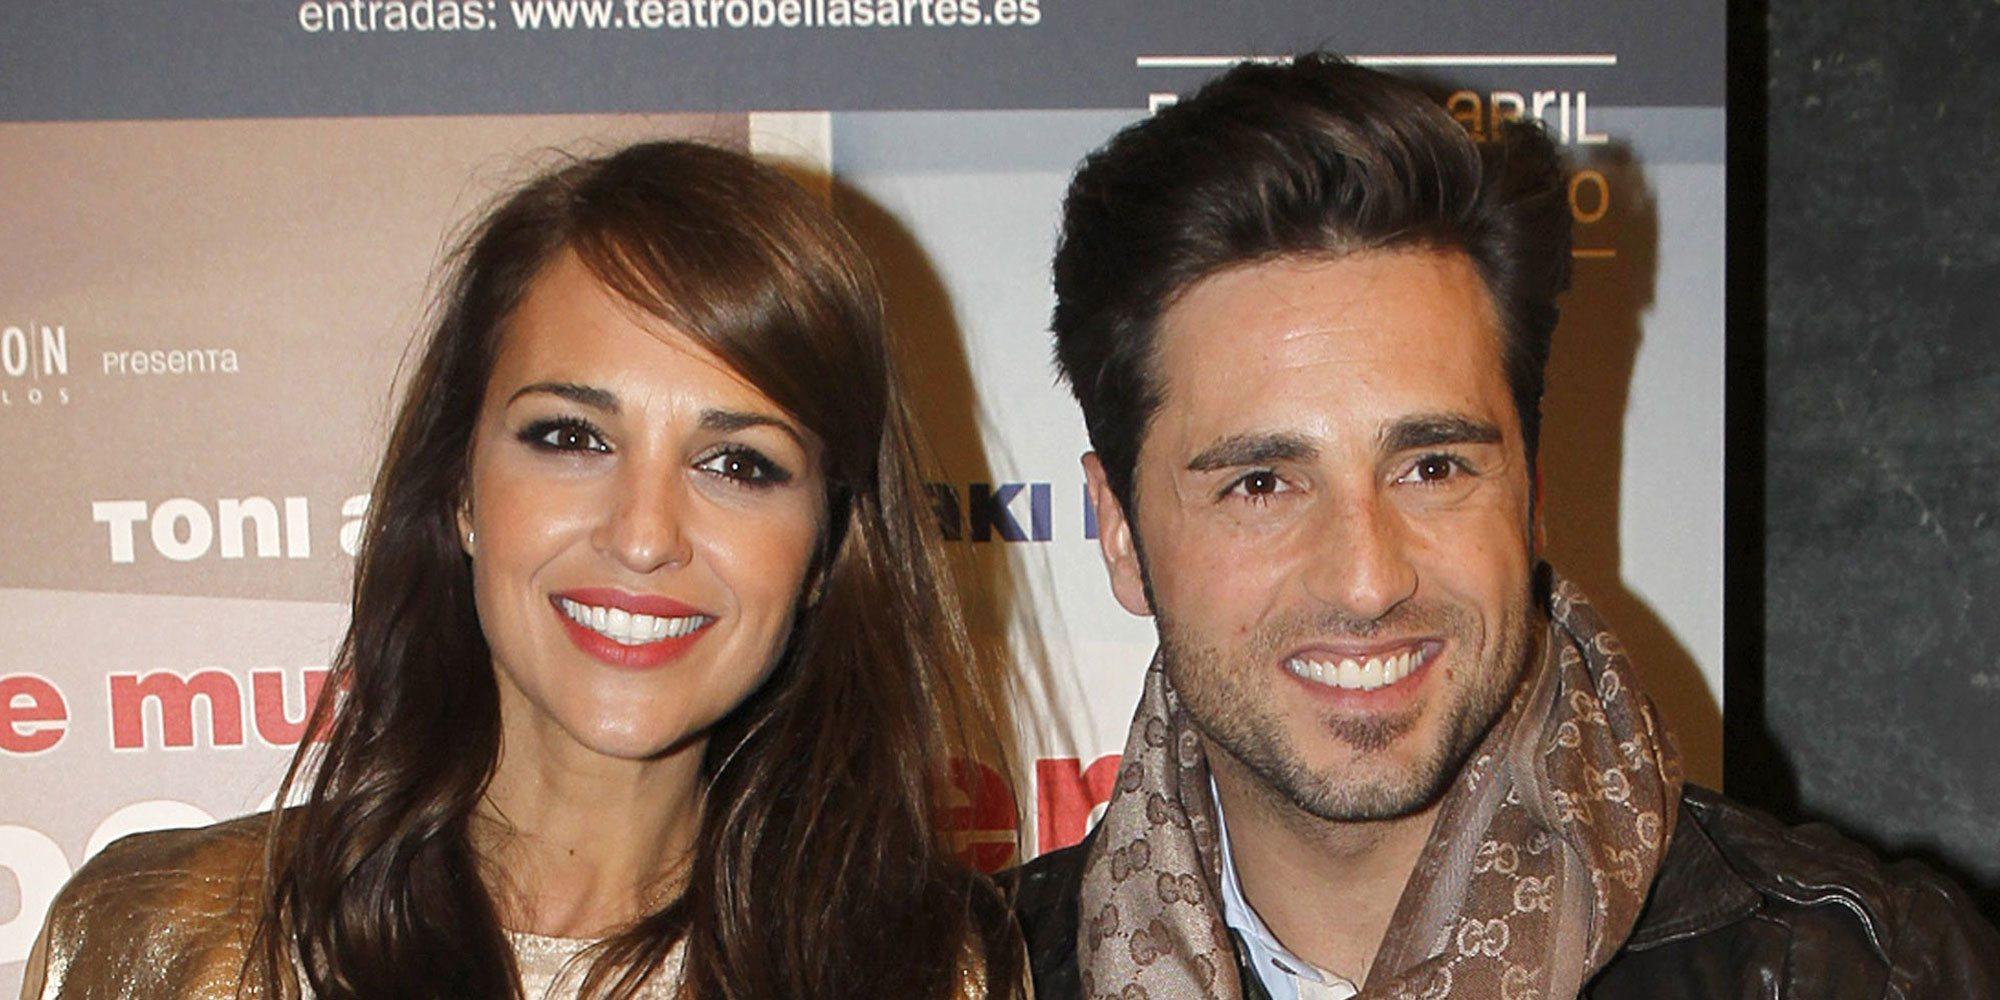 David Bustamante se enteró del embarazo de Paula Echevarría cuando ella lo anunció